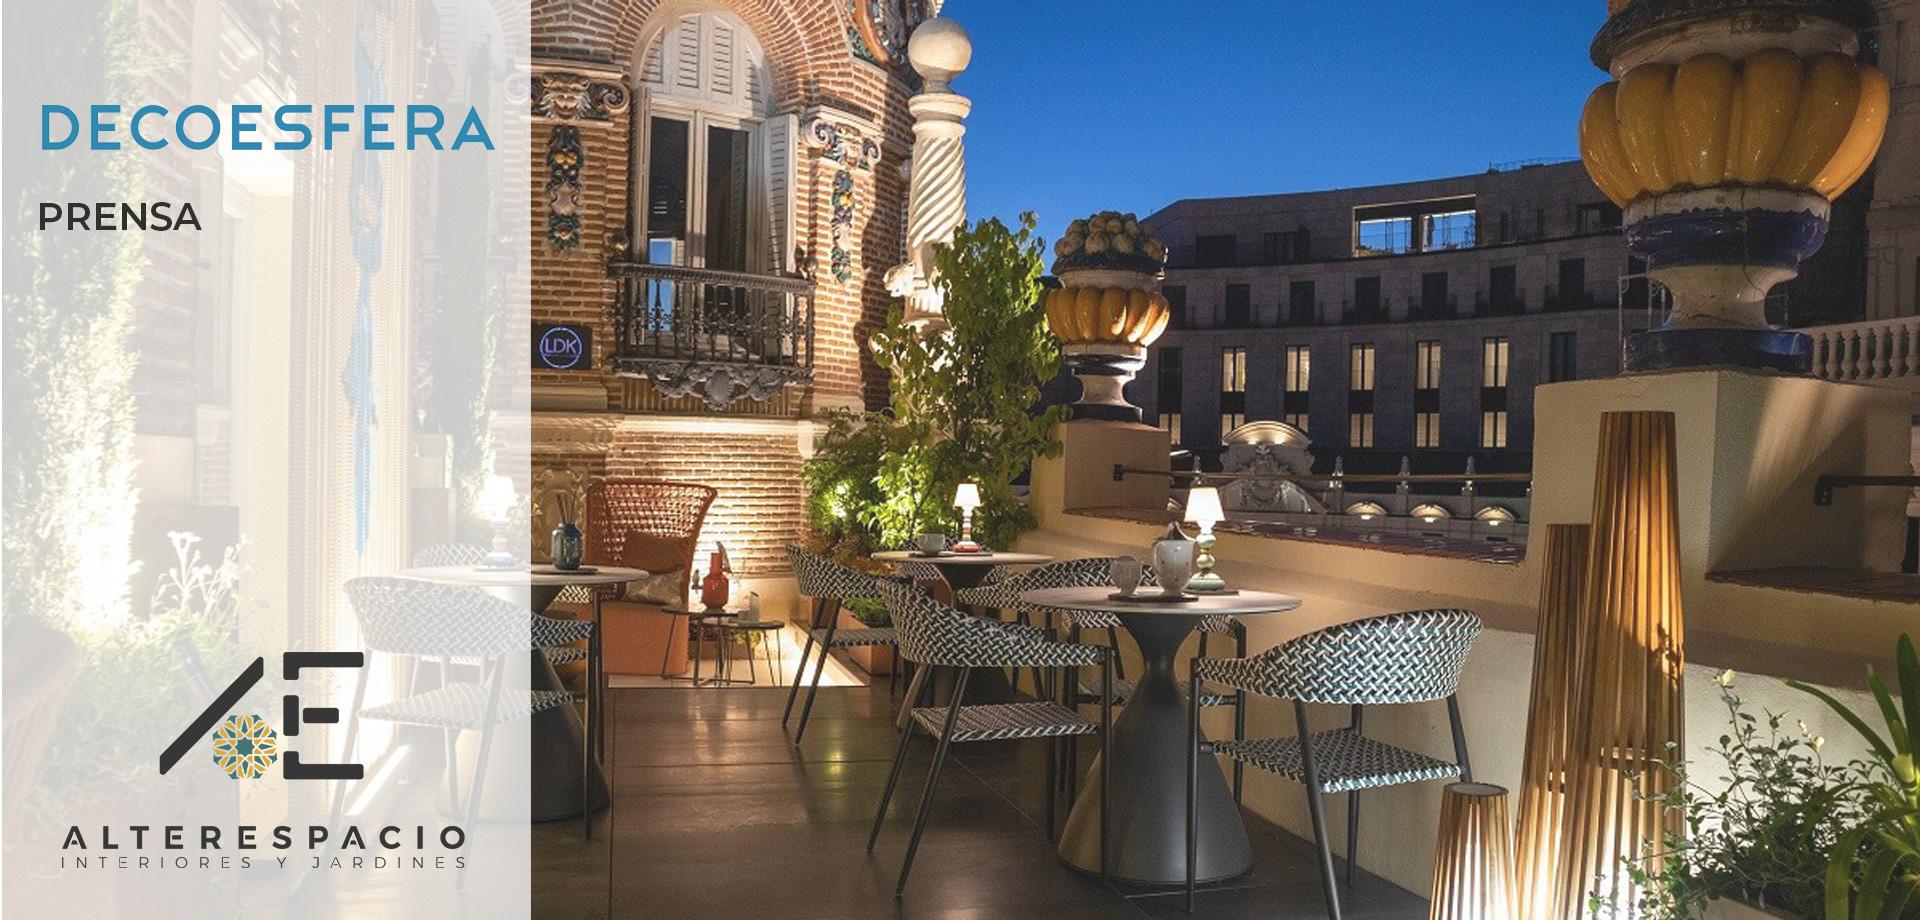 06_Prensa_DECOESFERA_Casa-Decor_Alterespacio_decoración-de-jardines-terrazas_paisajismo-Madrid